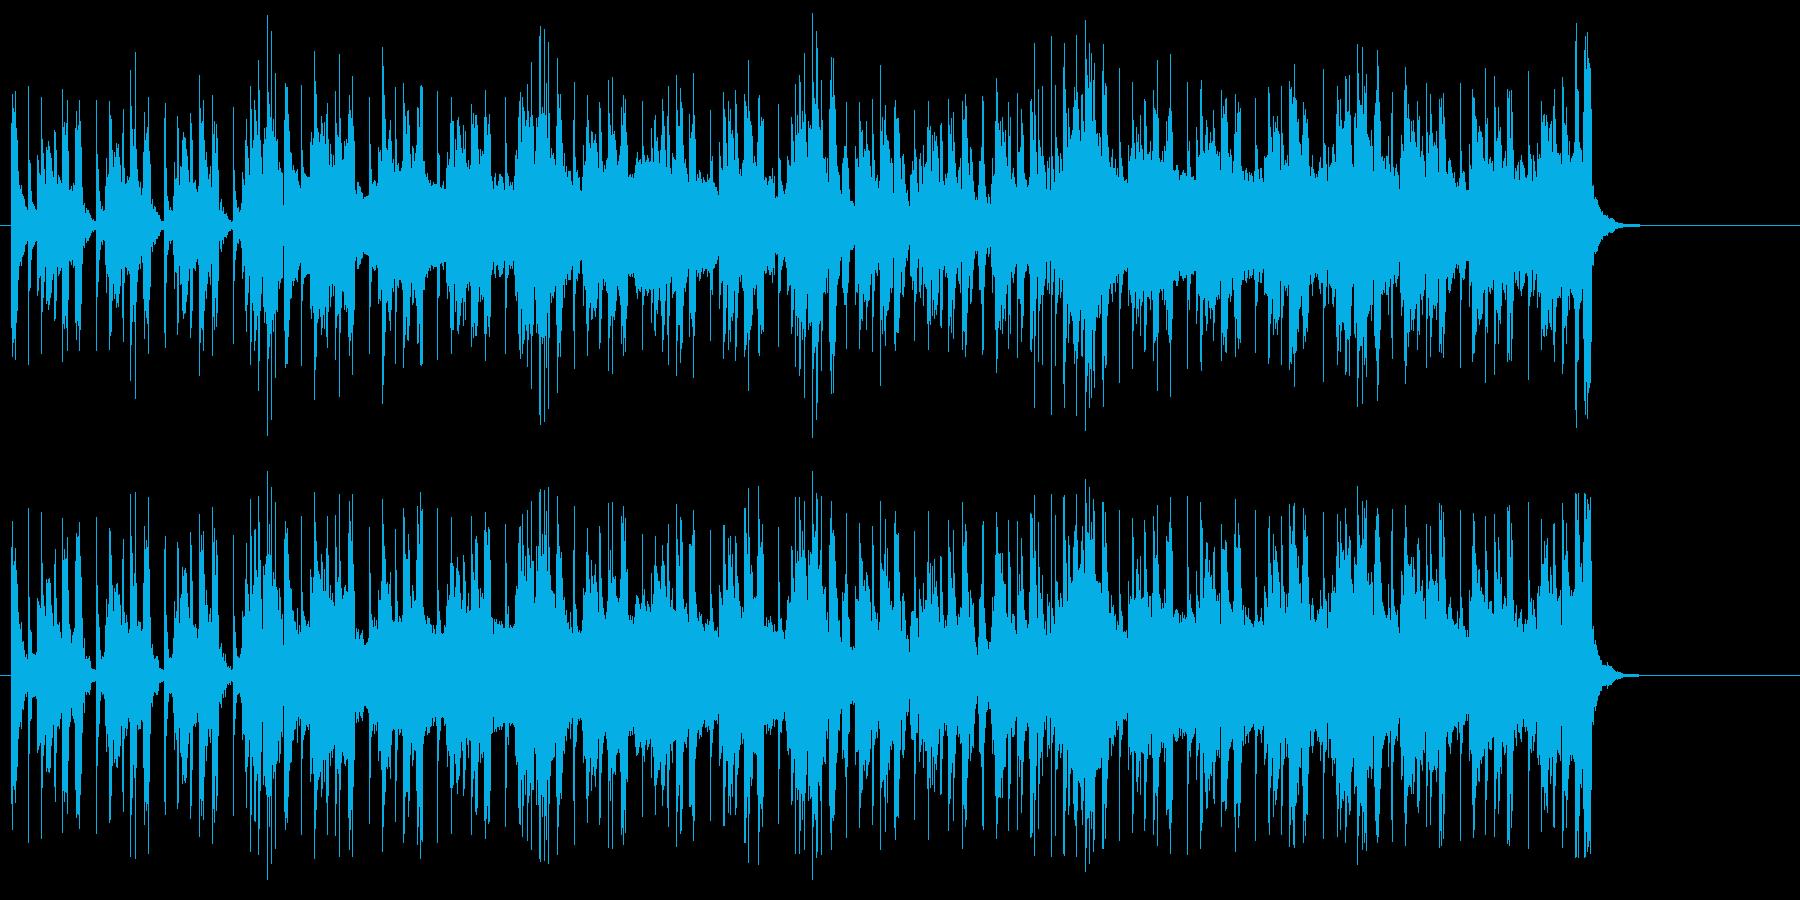 ヘヴィーなドキュメントタッチのBGMの再生済みの波形